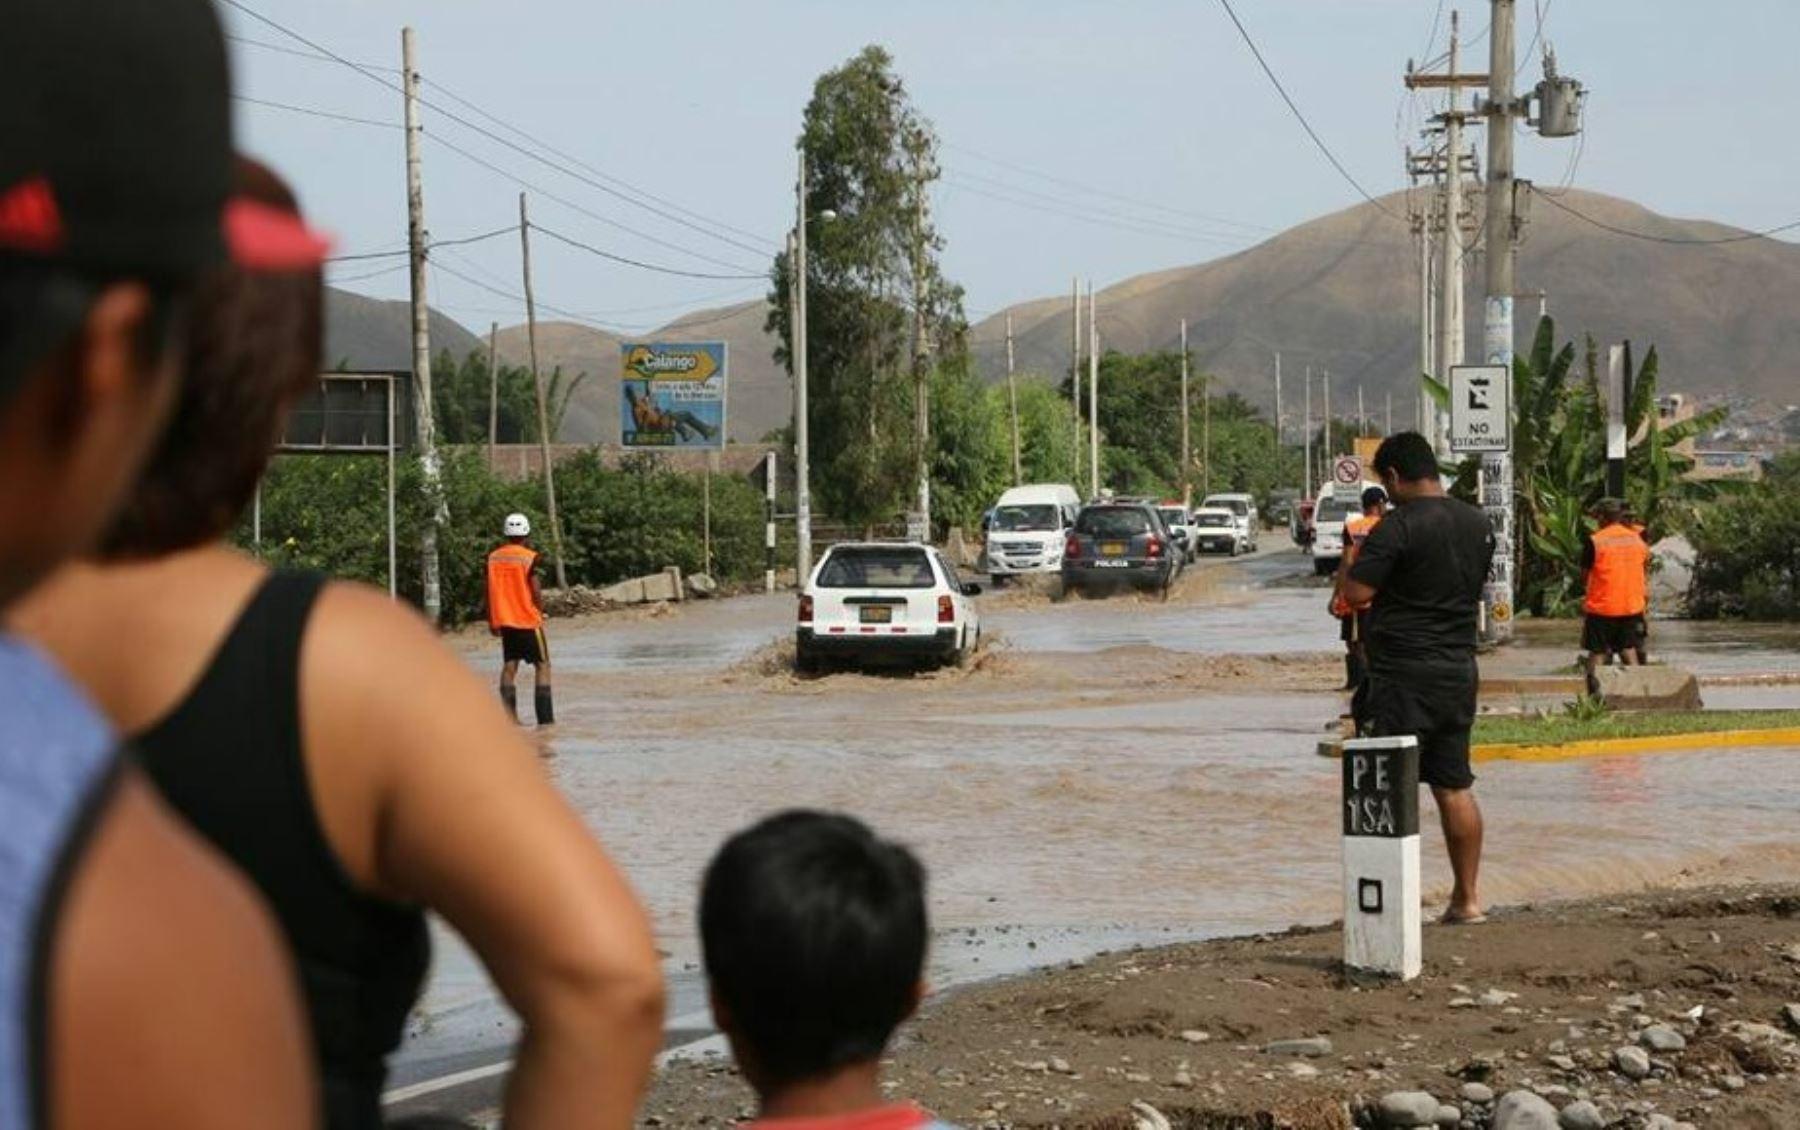 El epicentro del sismo se ubicó cerca de la localidad de Mala, en la provincia de Cañete. ANDINA/Difusión